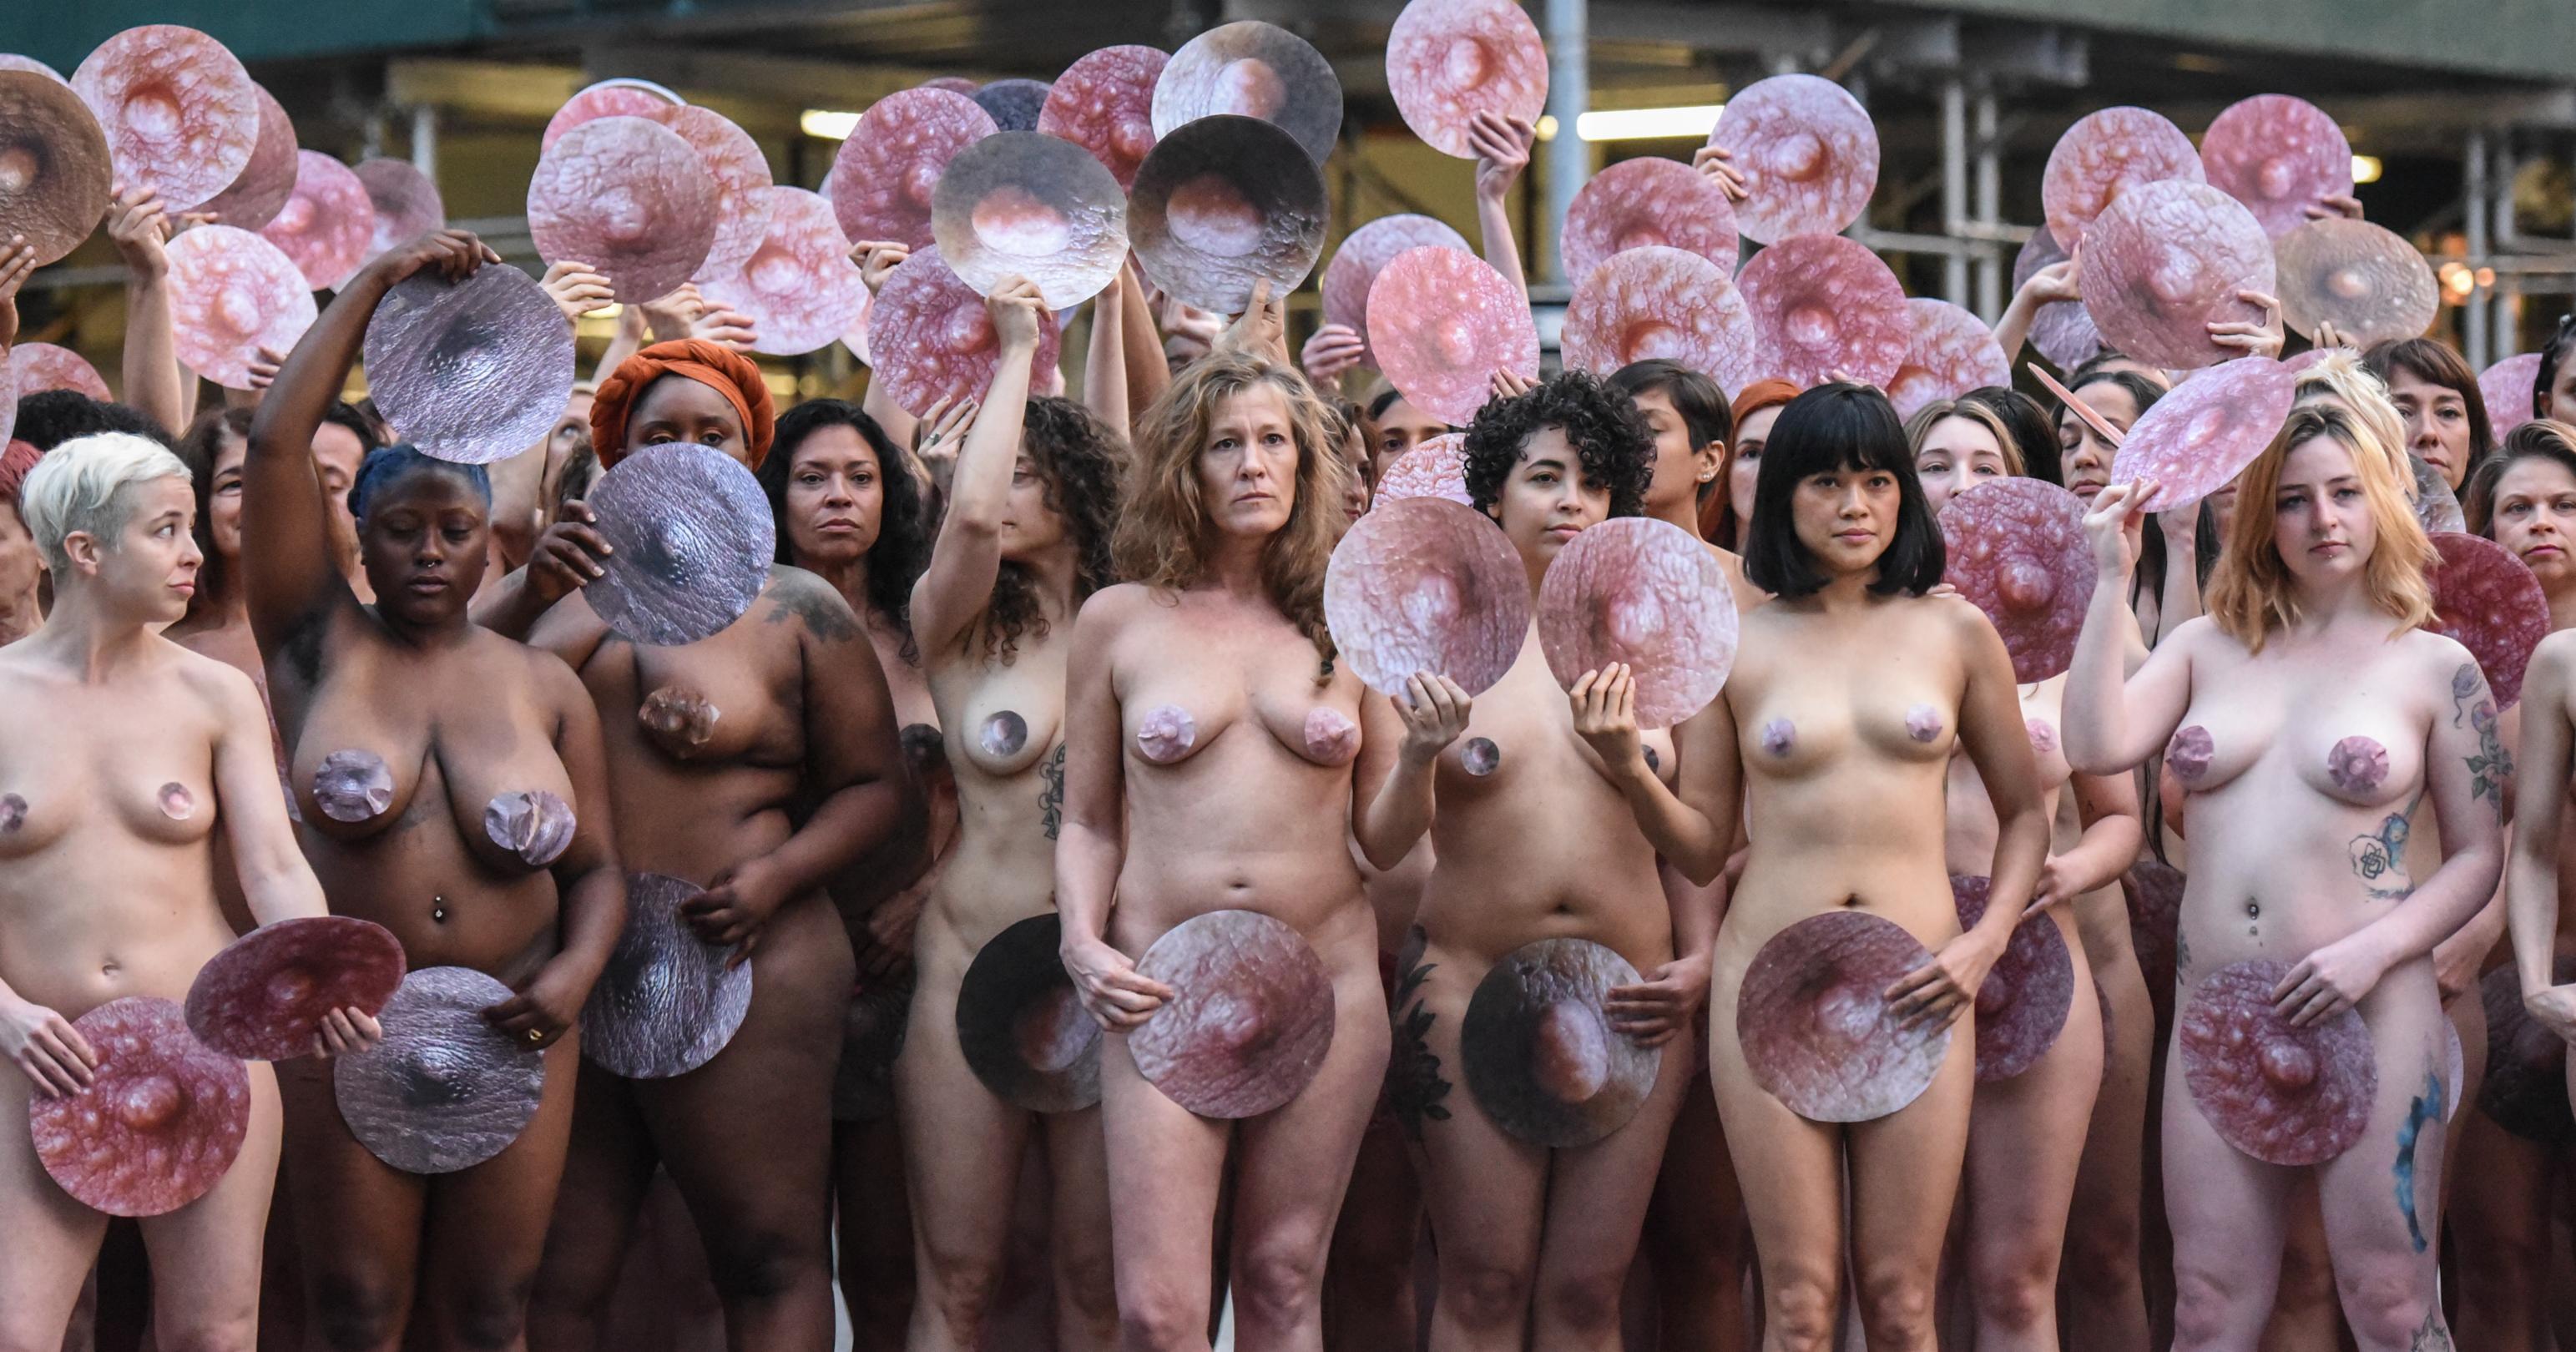 встрепенулся, видео голый люди некоторым лицам при